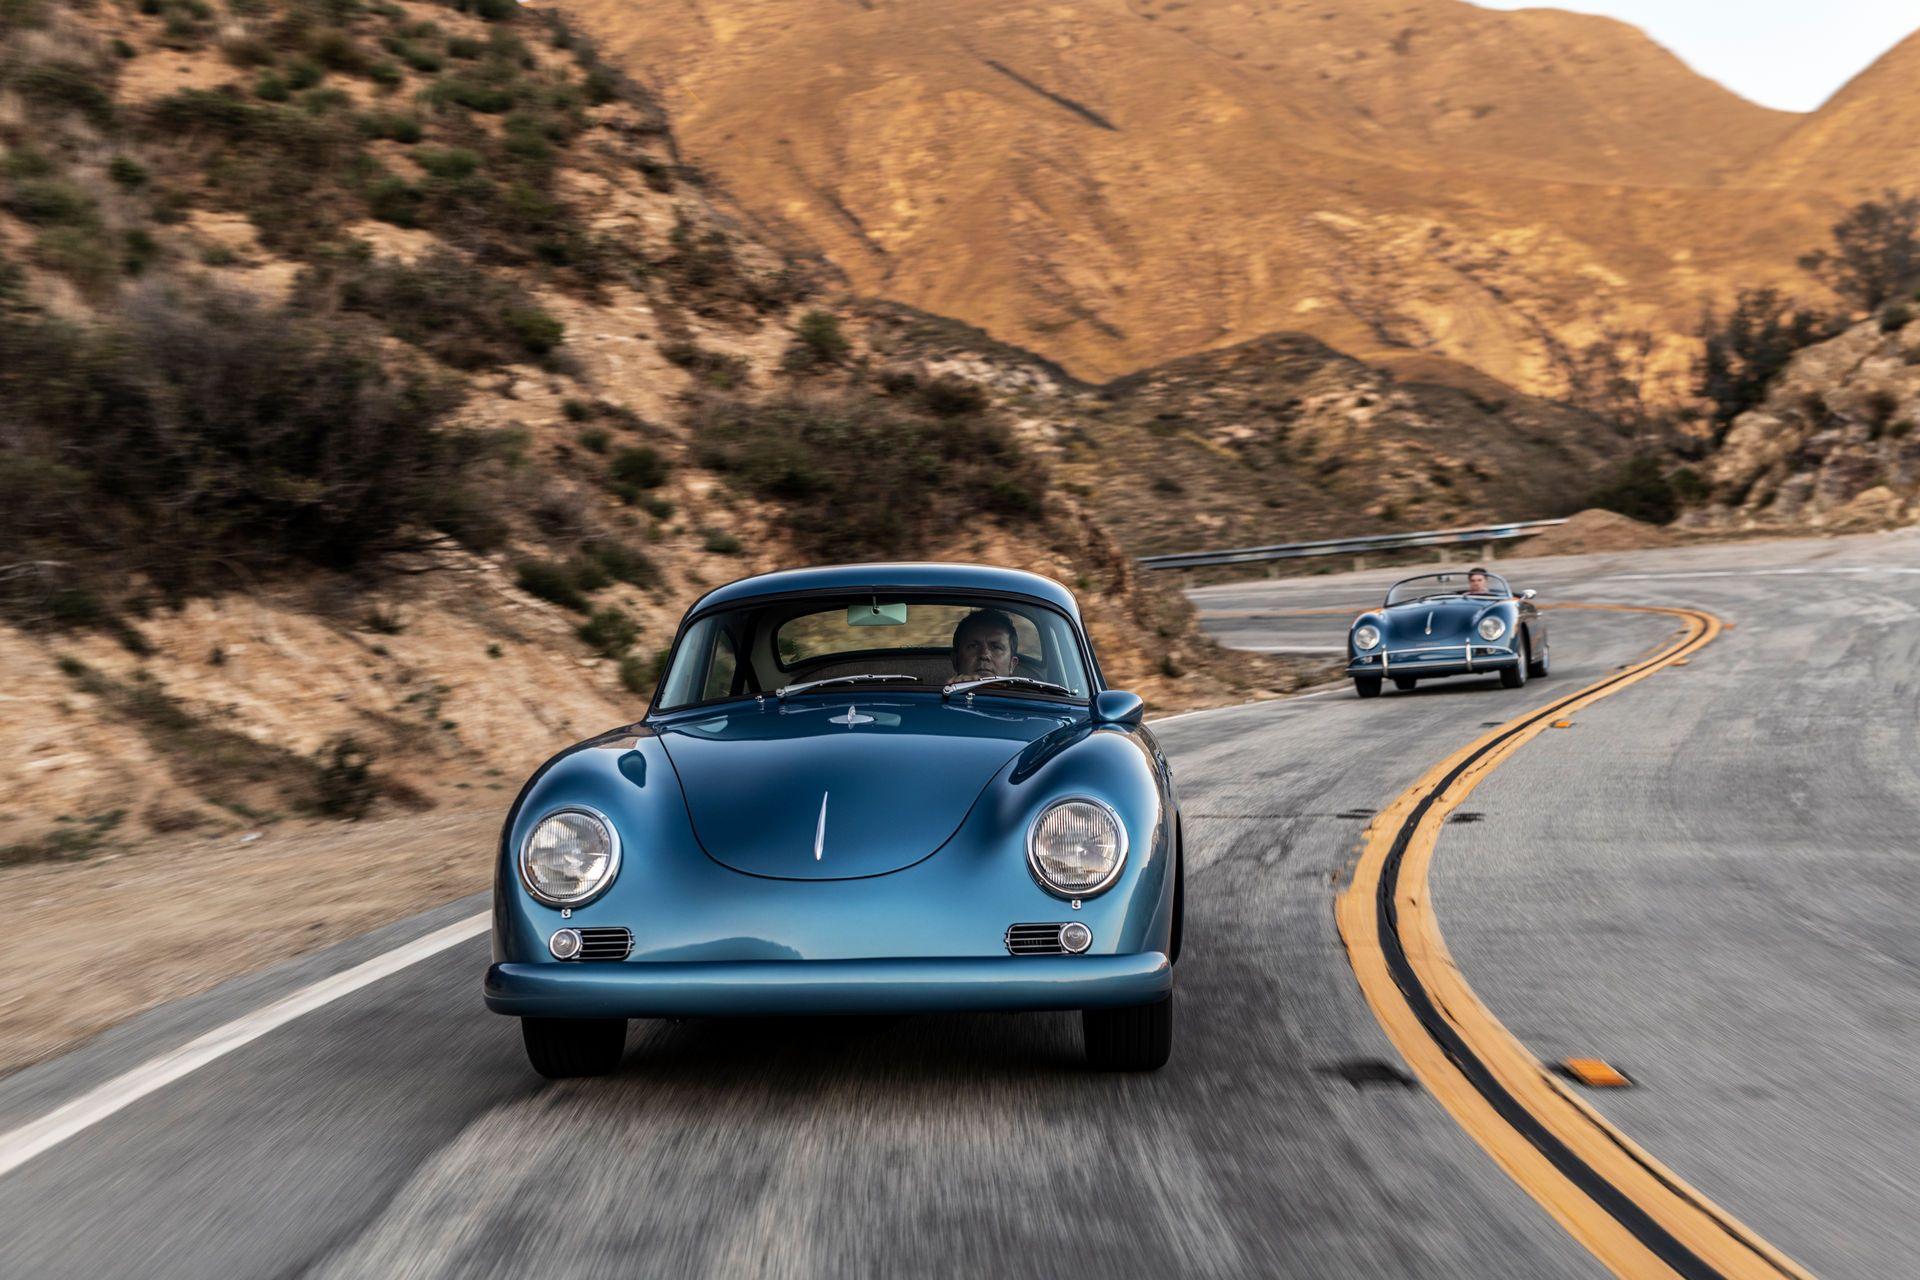 Porsche-356-A-Coupe-Restomod-Emory-Motorsports-24